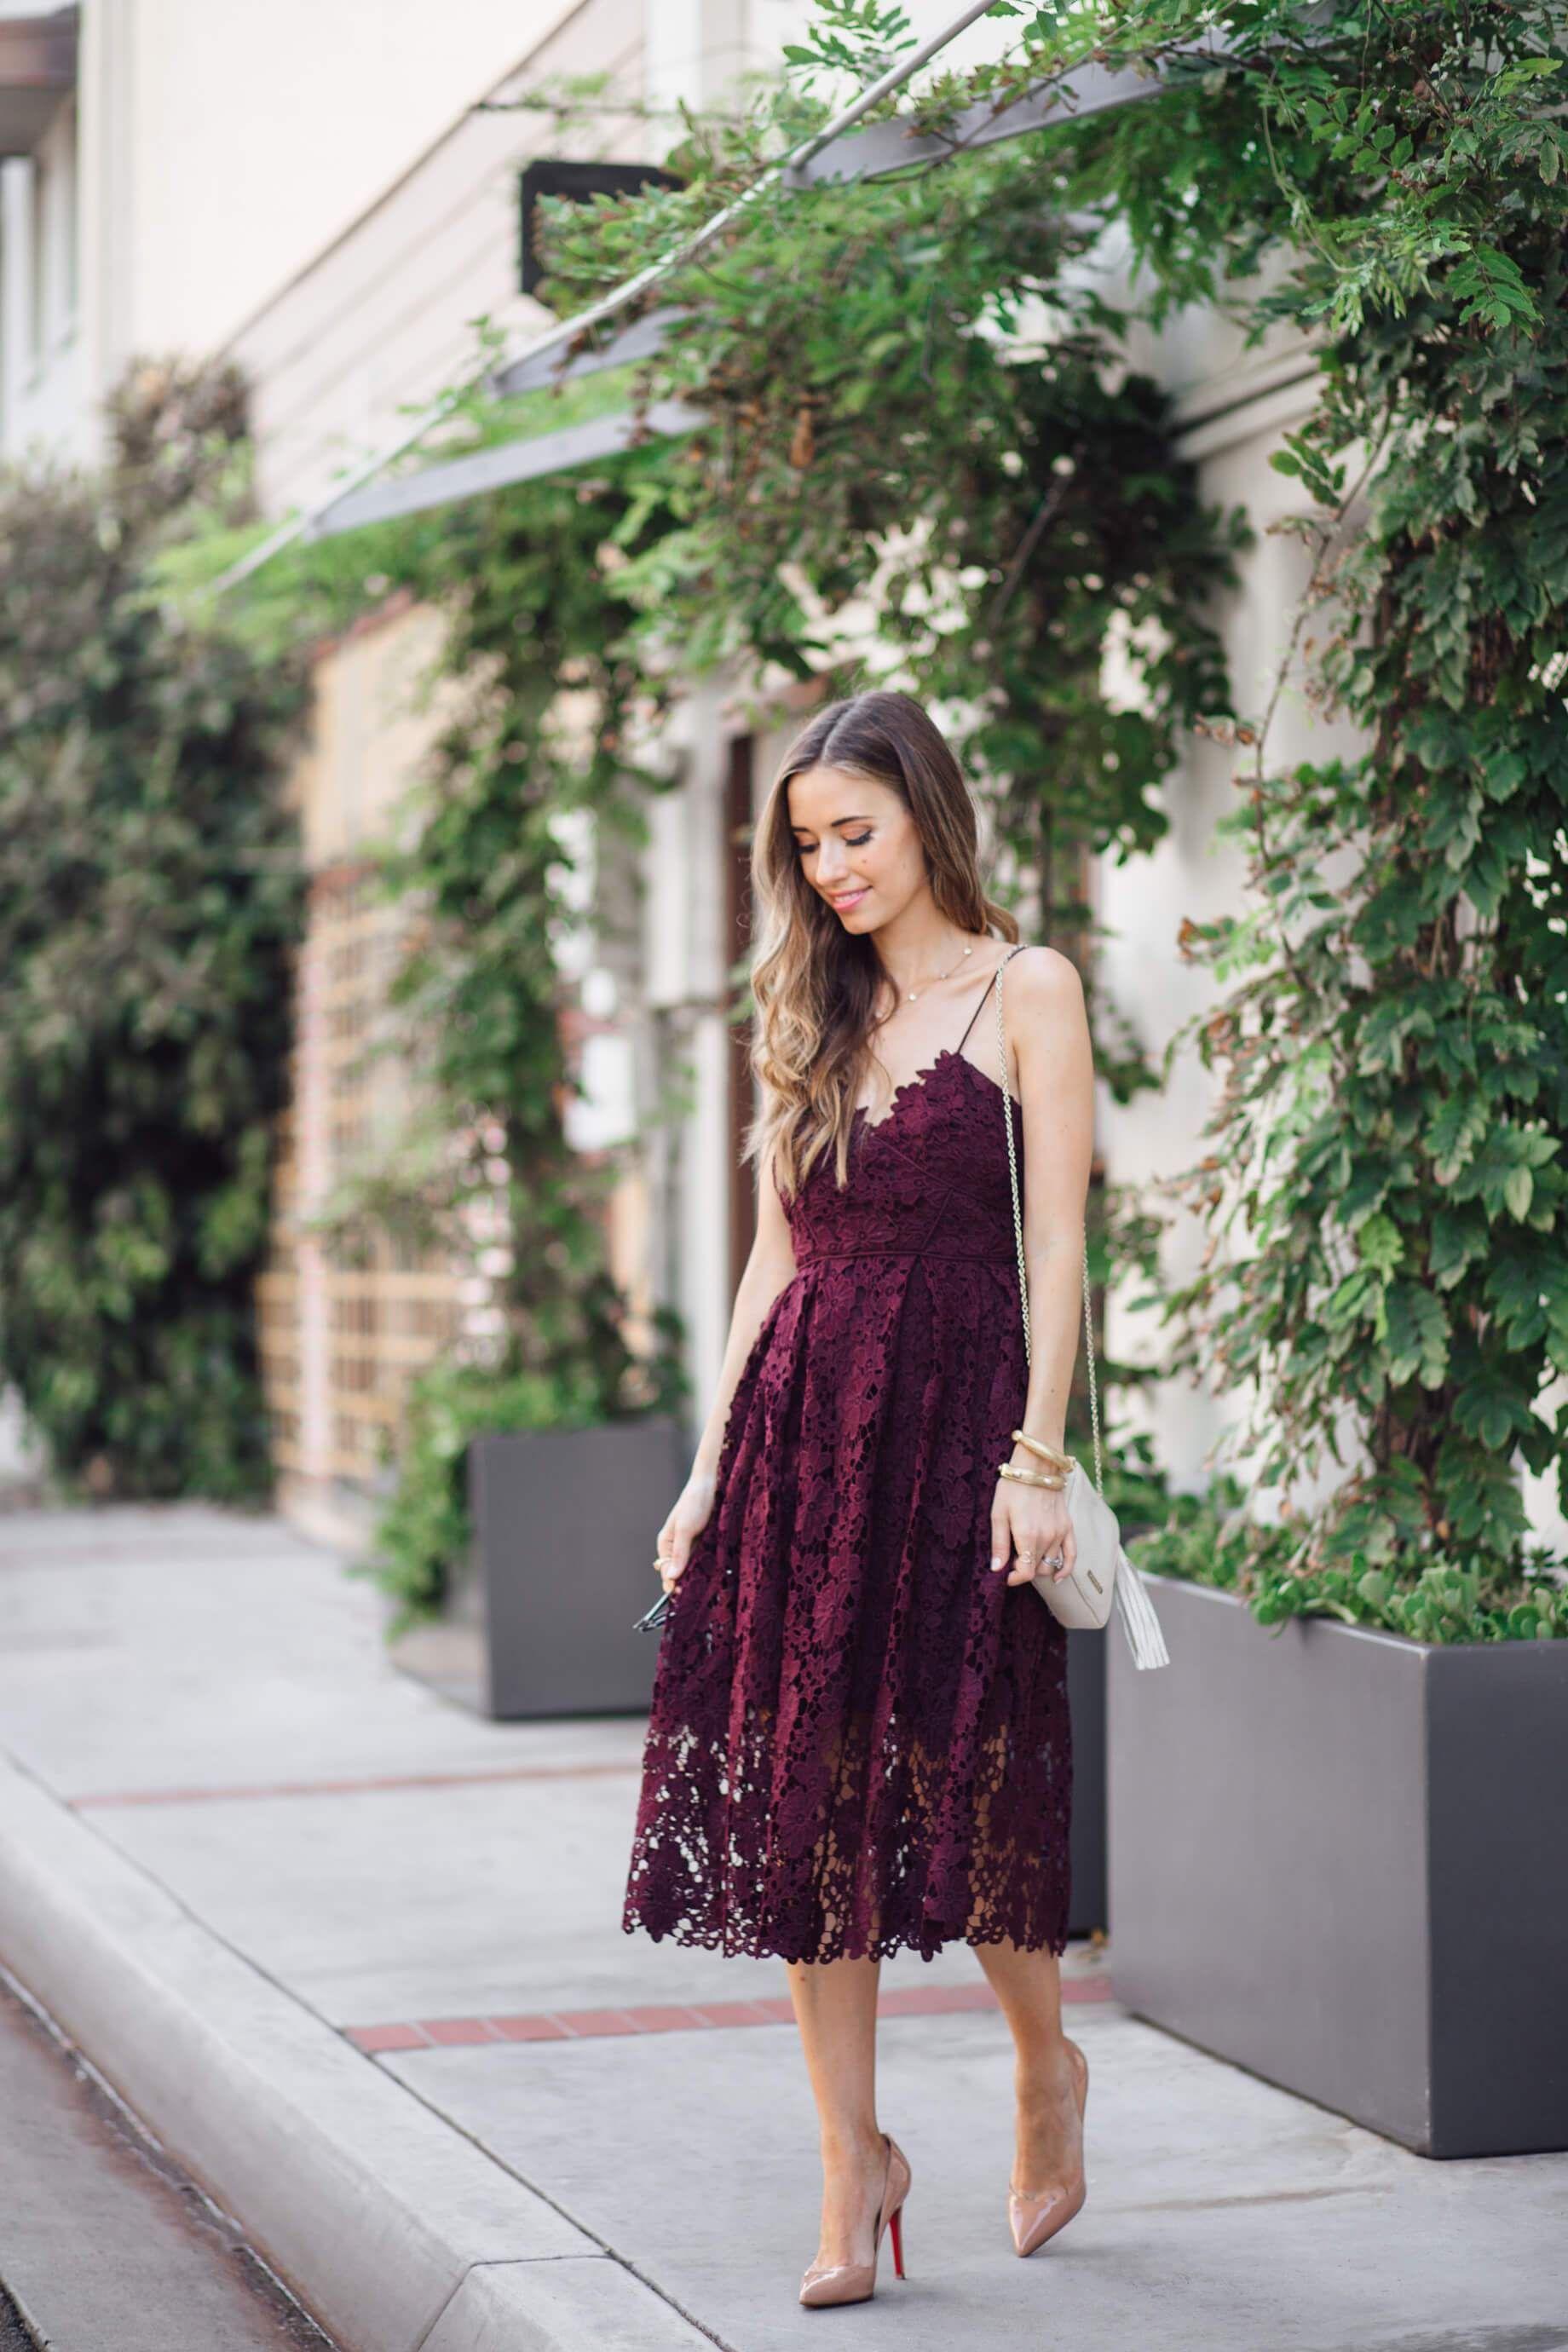 Best dress for wedding guest   Dresses Under  for Fall Weddings  Dress ideas  Pinterest